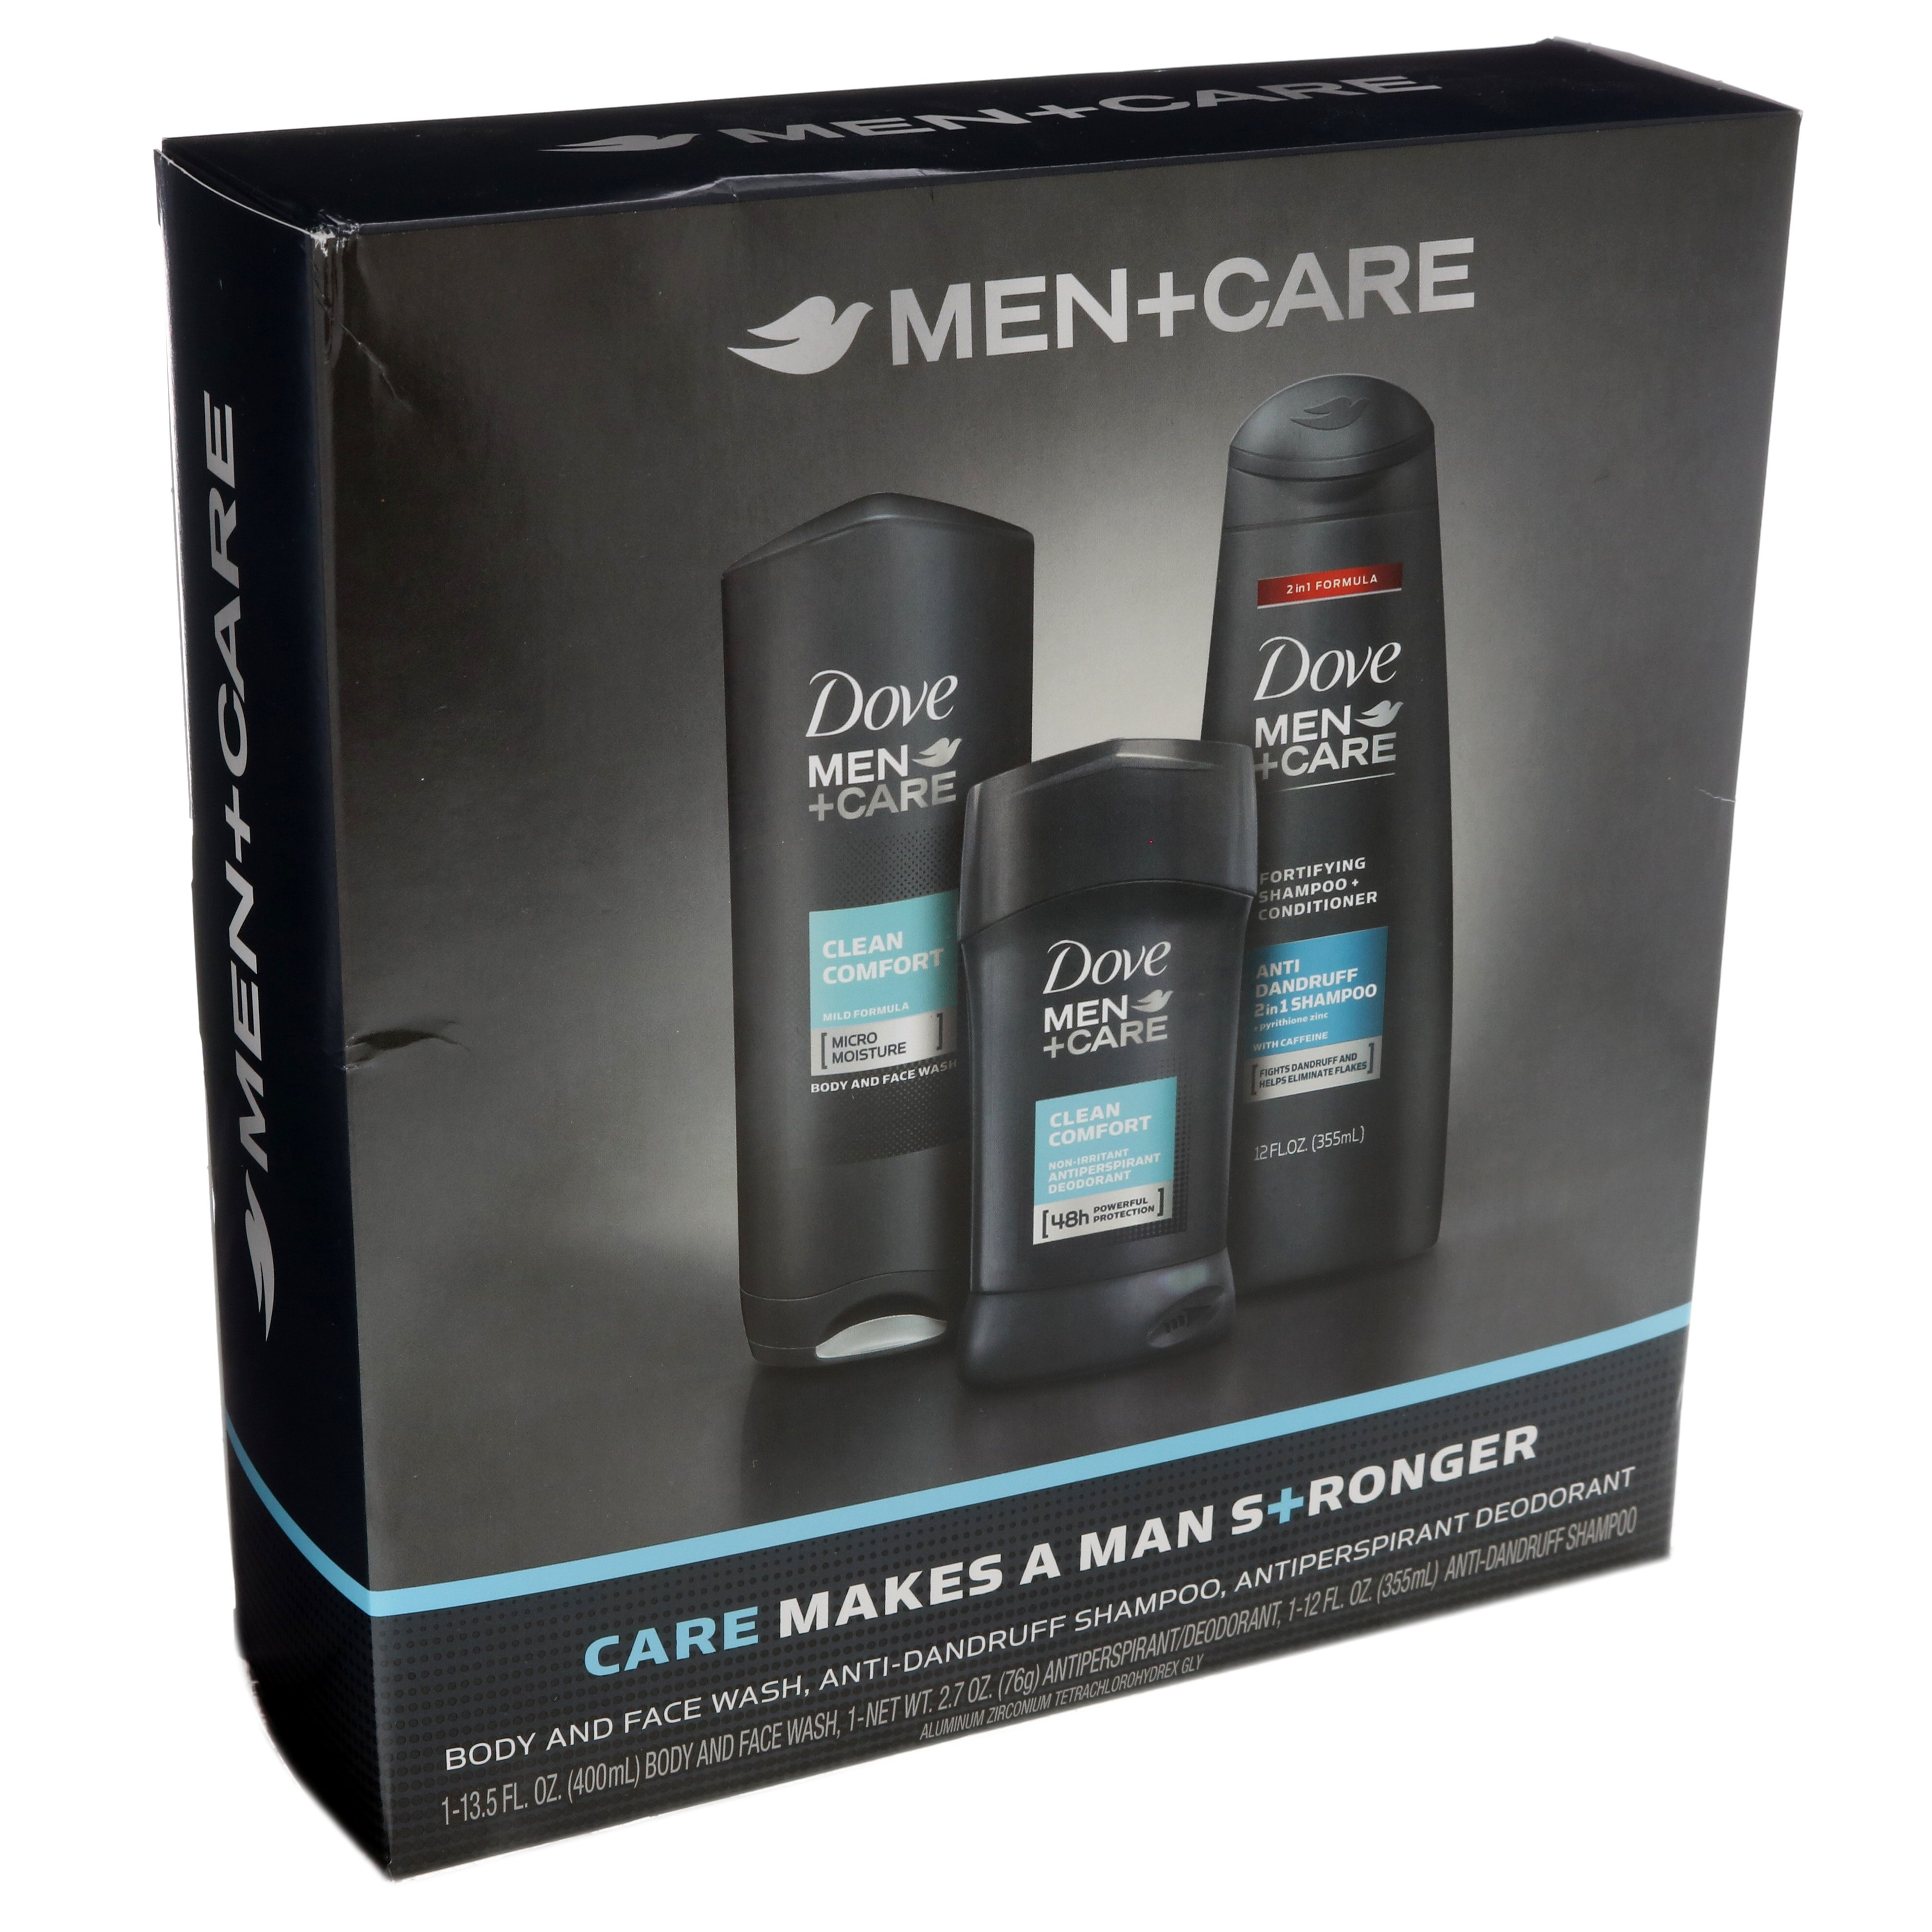 Dove Men Care Clean Comfort Men S 3 Piece Gift Set Shop Bath Skin Care Sets At H E B